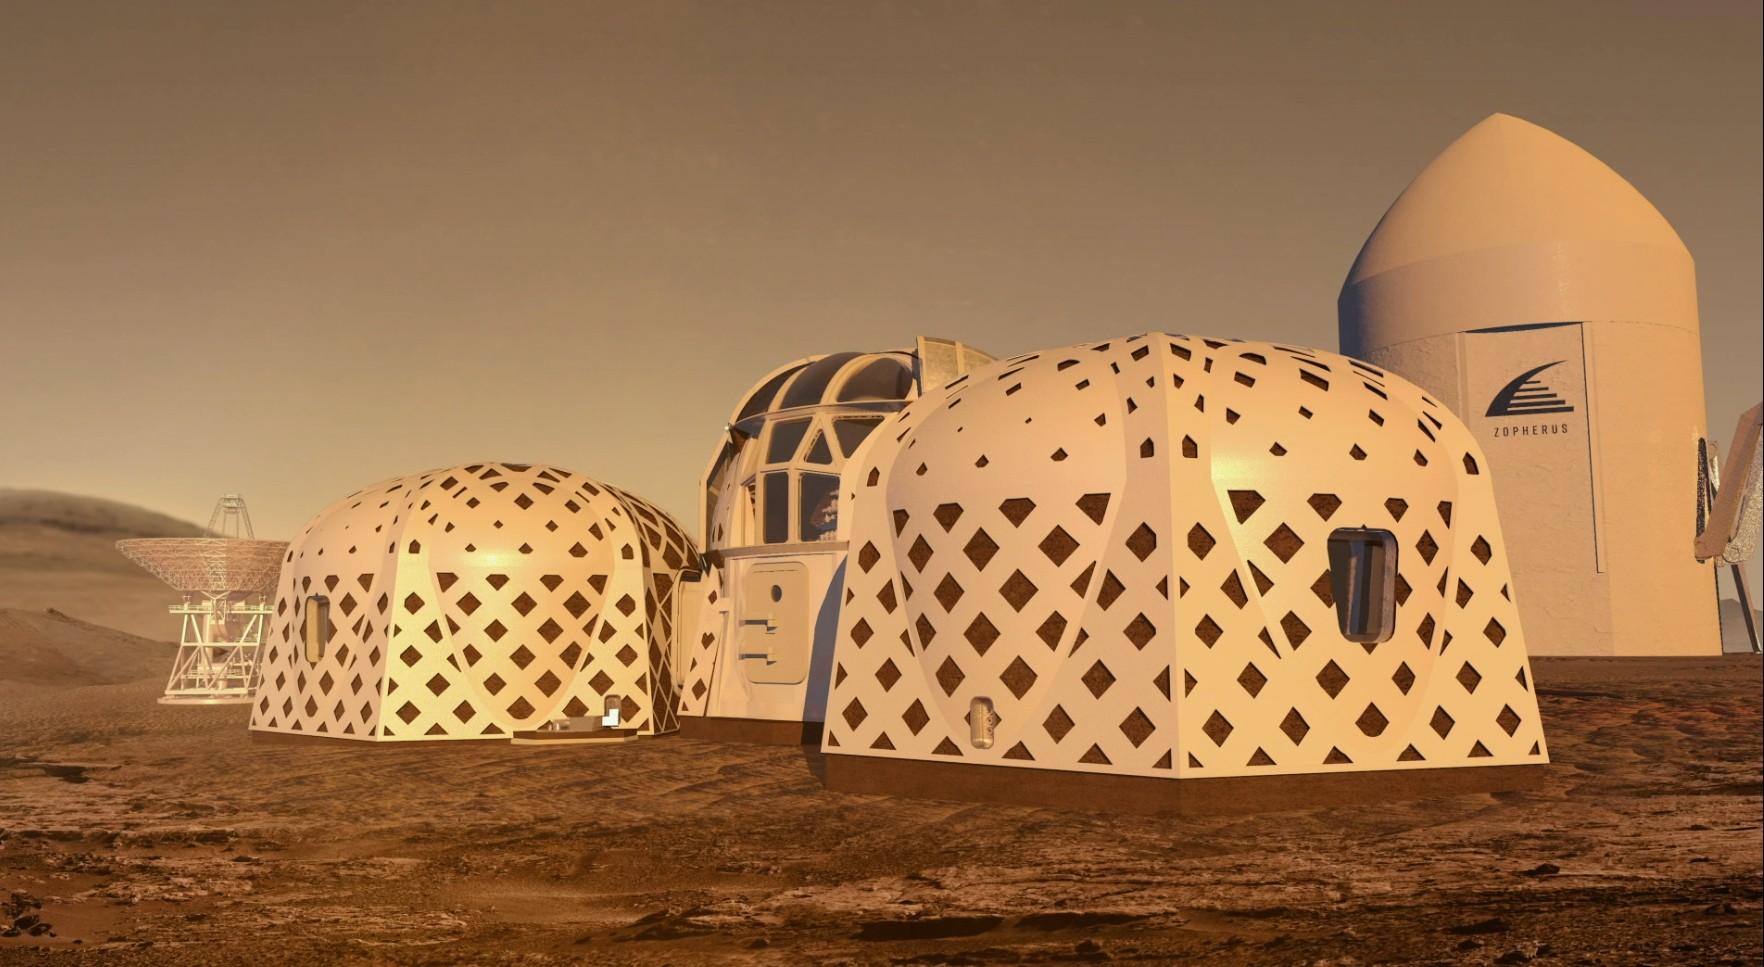 Concurso da NASA exibe como serão as casas construídas em Marte